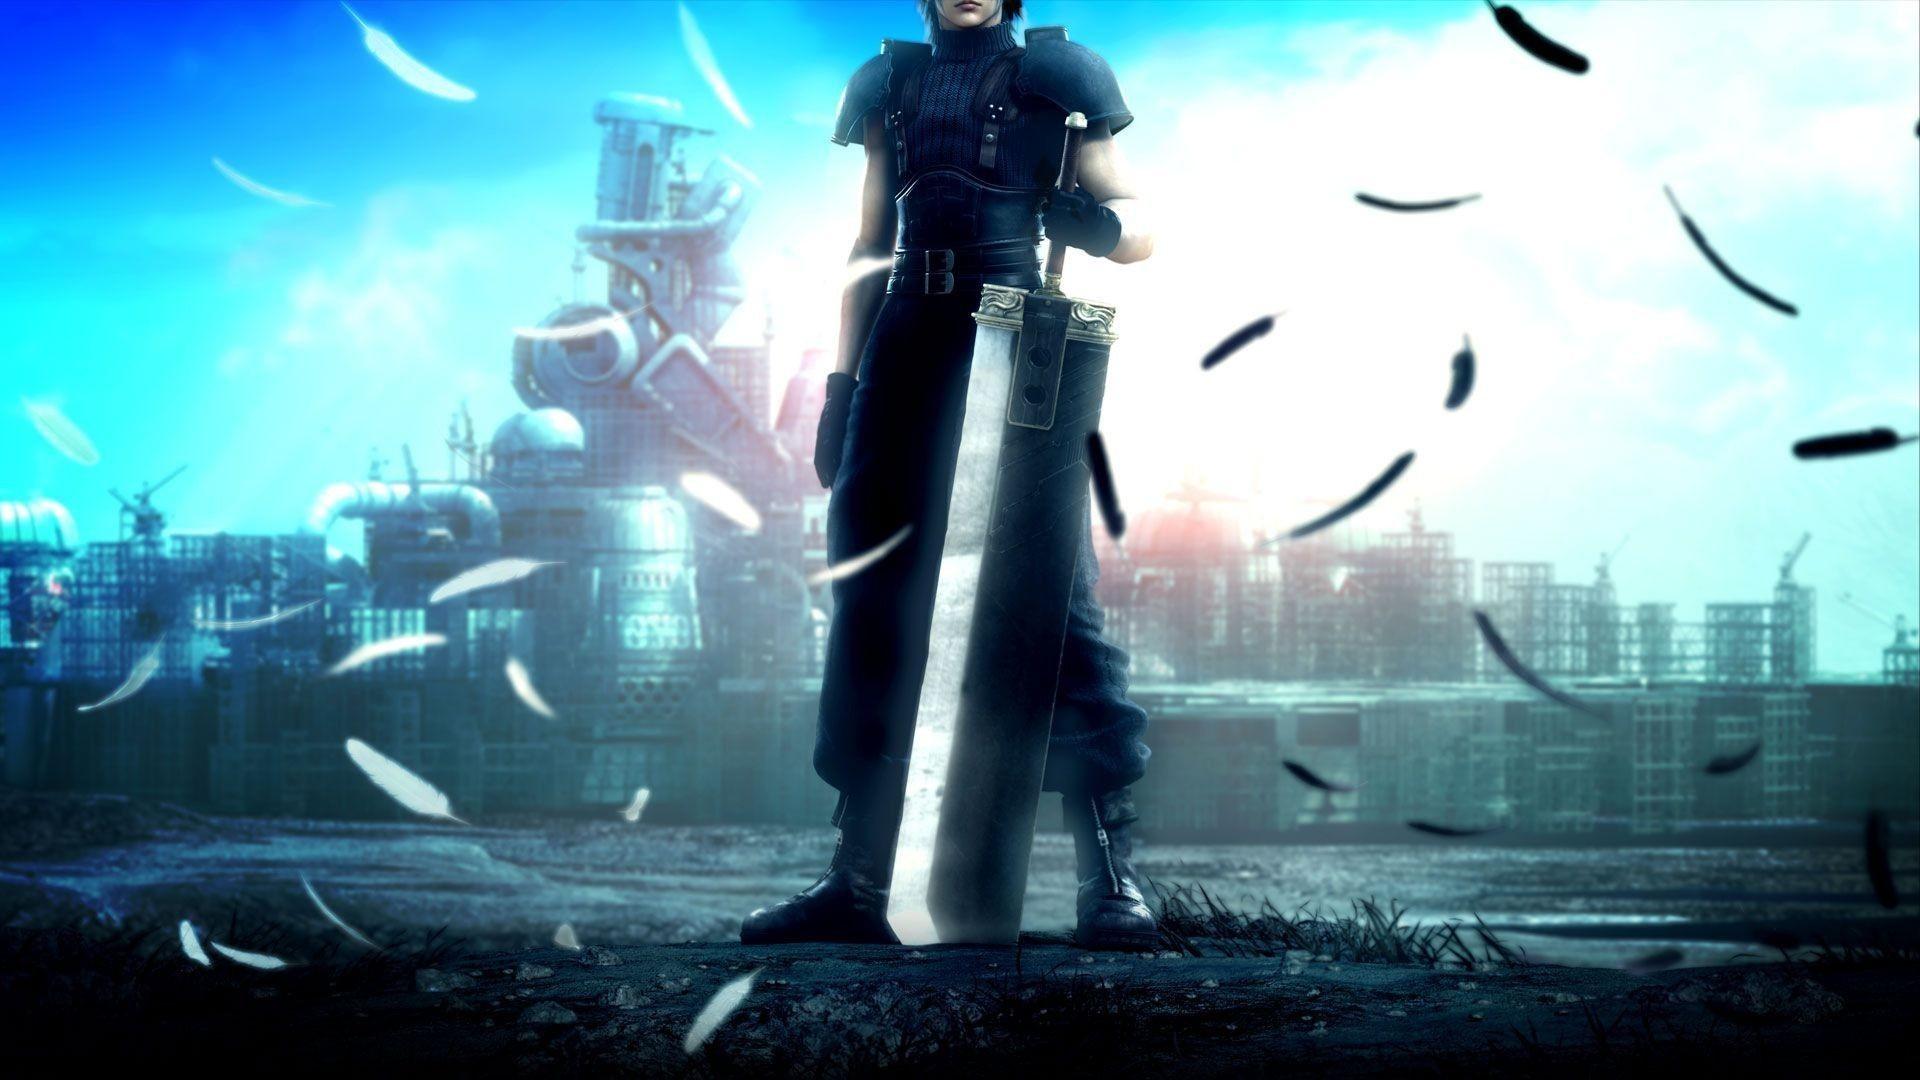 Final Fantasy VII Remake Wallpaper (89+ images)